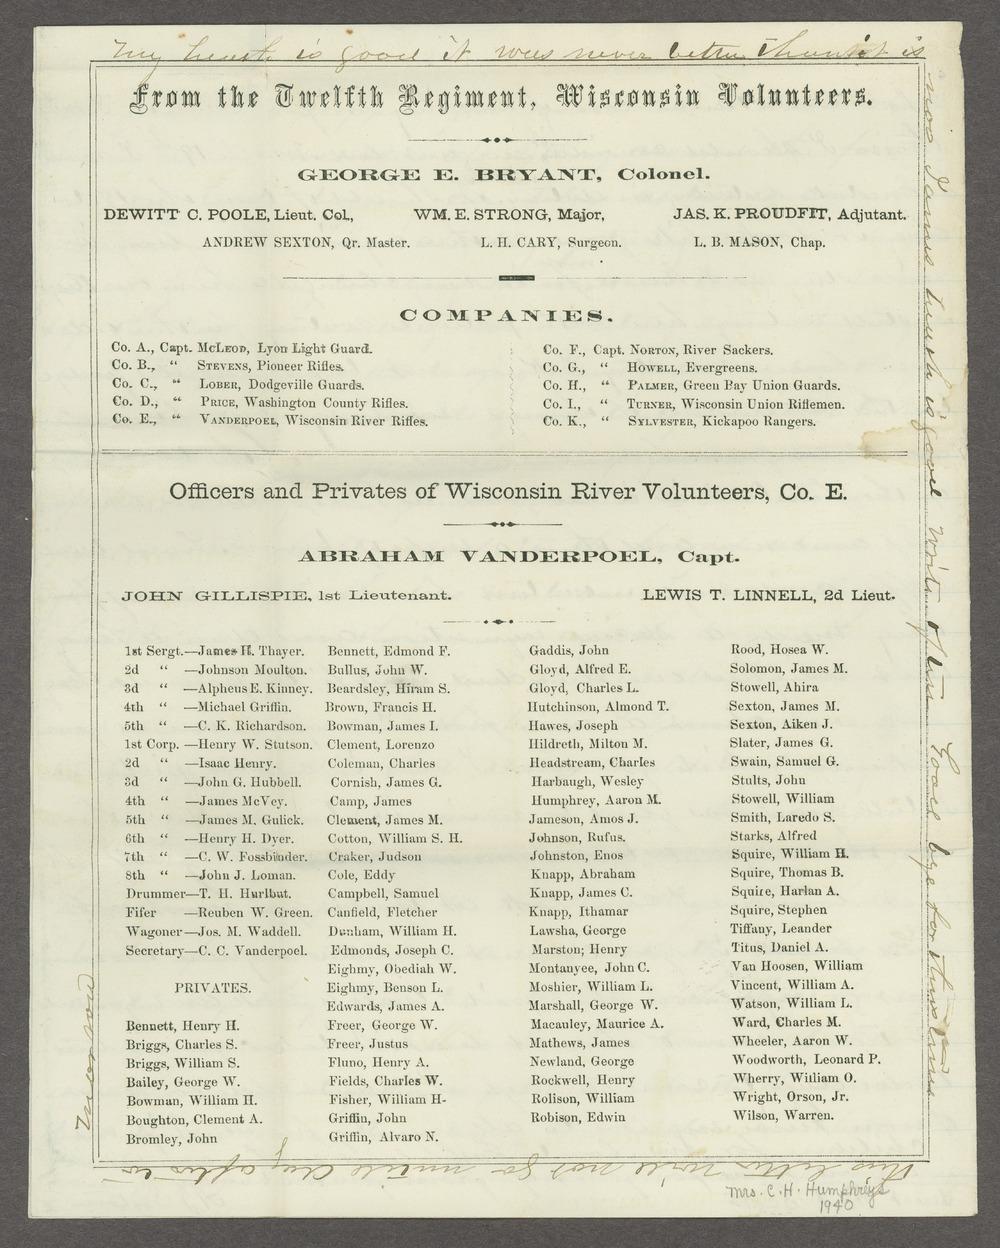 Aiken J. Sexton correspondence - 8